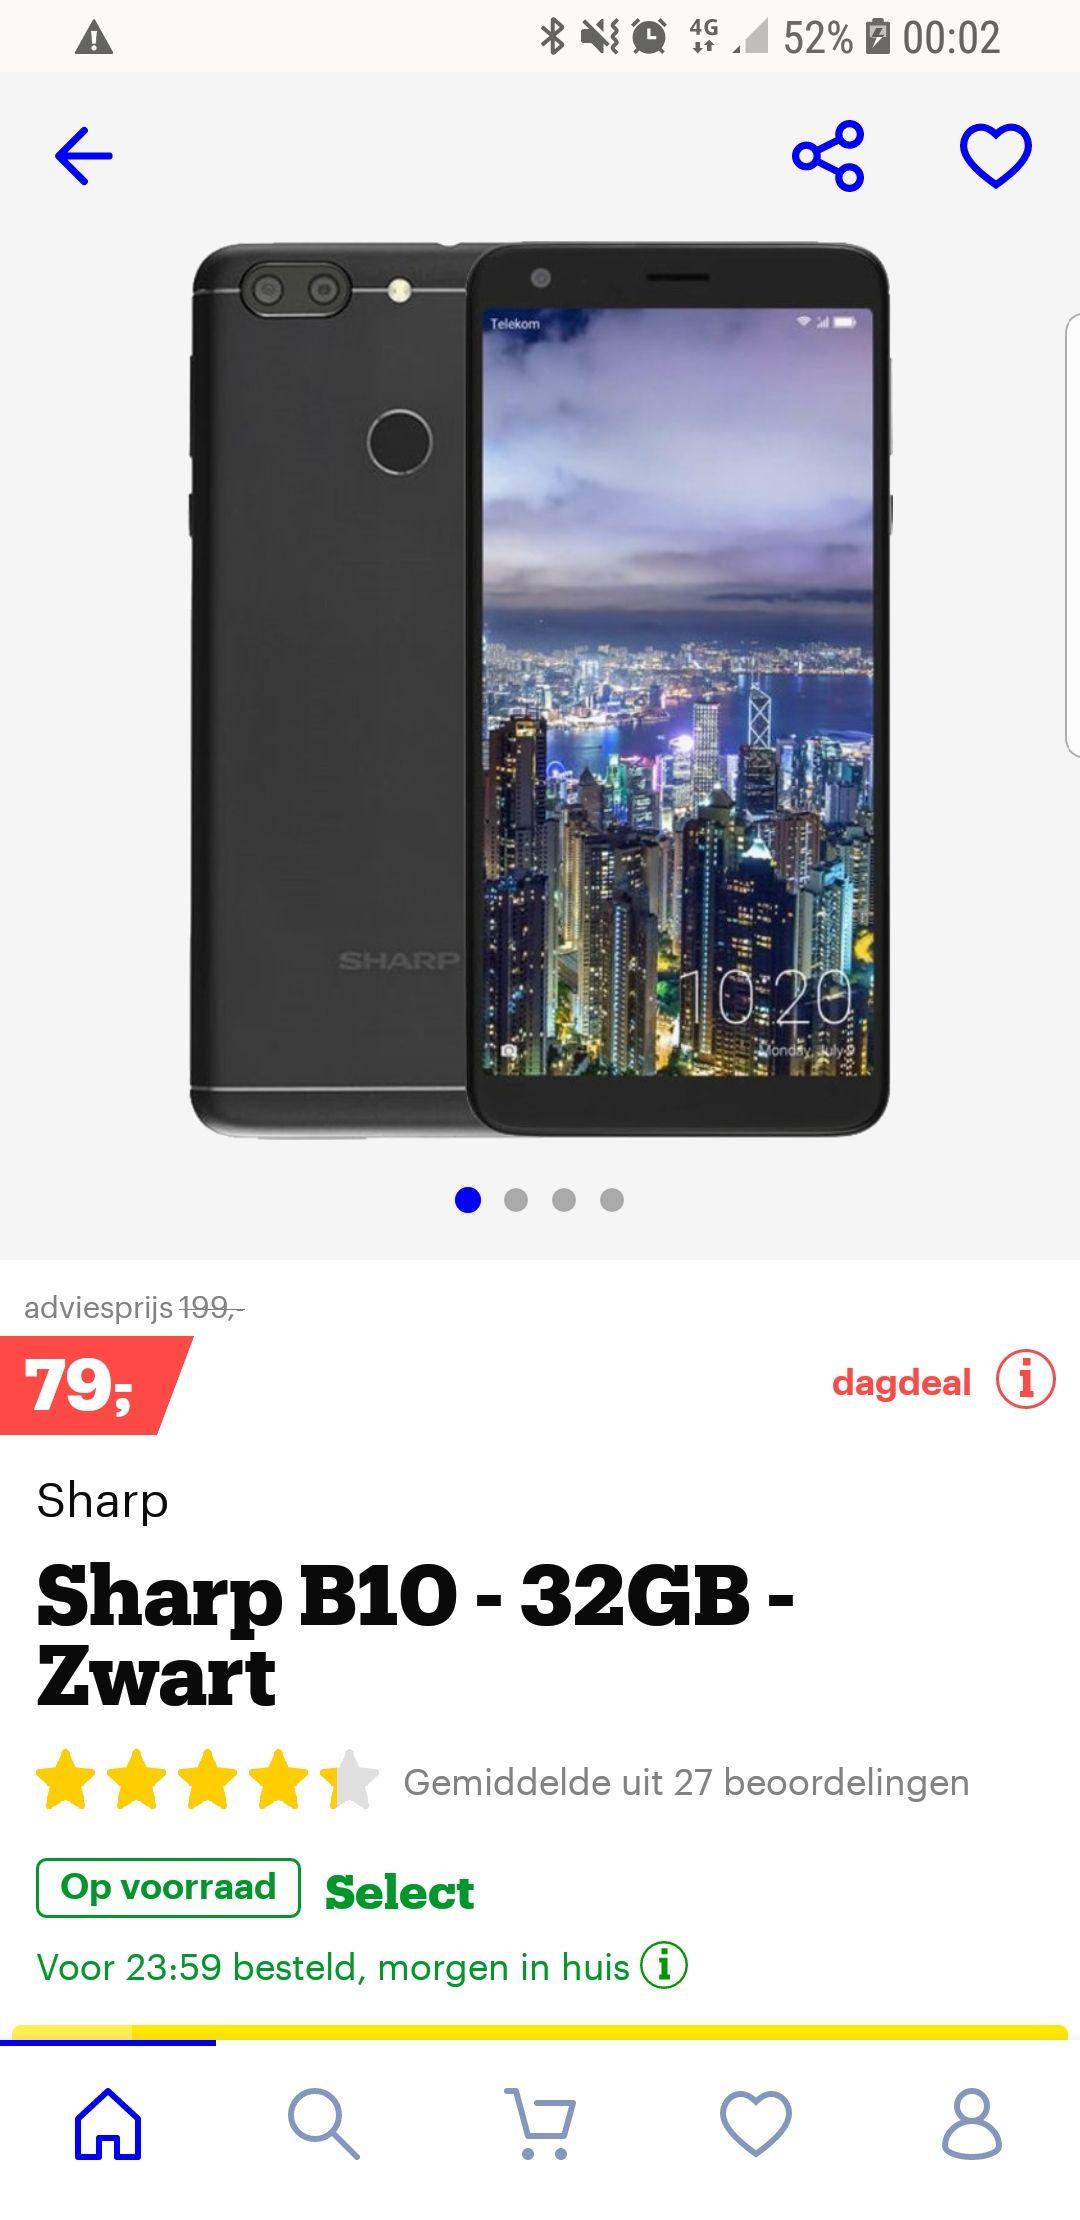 Sharp B10 van 199 naar 79 euro